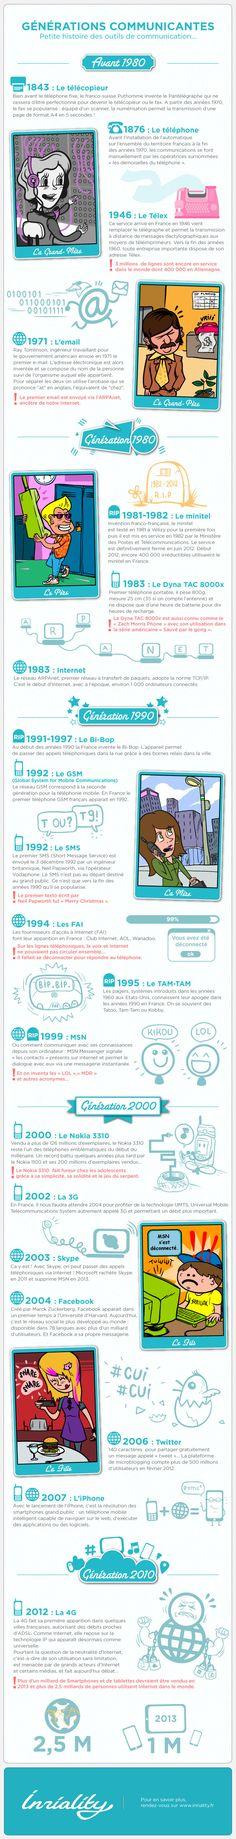 """Minitel, fax, Bi-Bop, SMS... Toutes les """"Générations communicantes"""" sont dans l'infographie d'Inriality"""